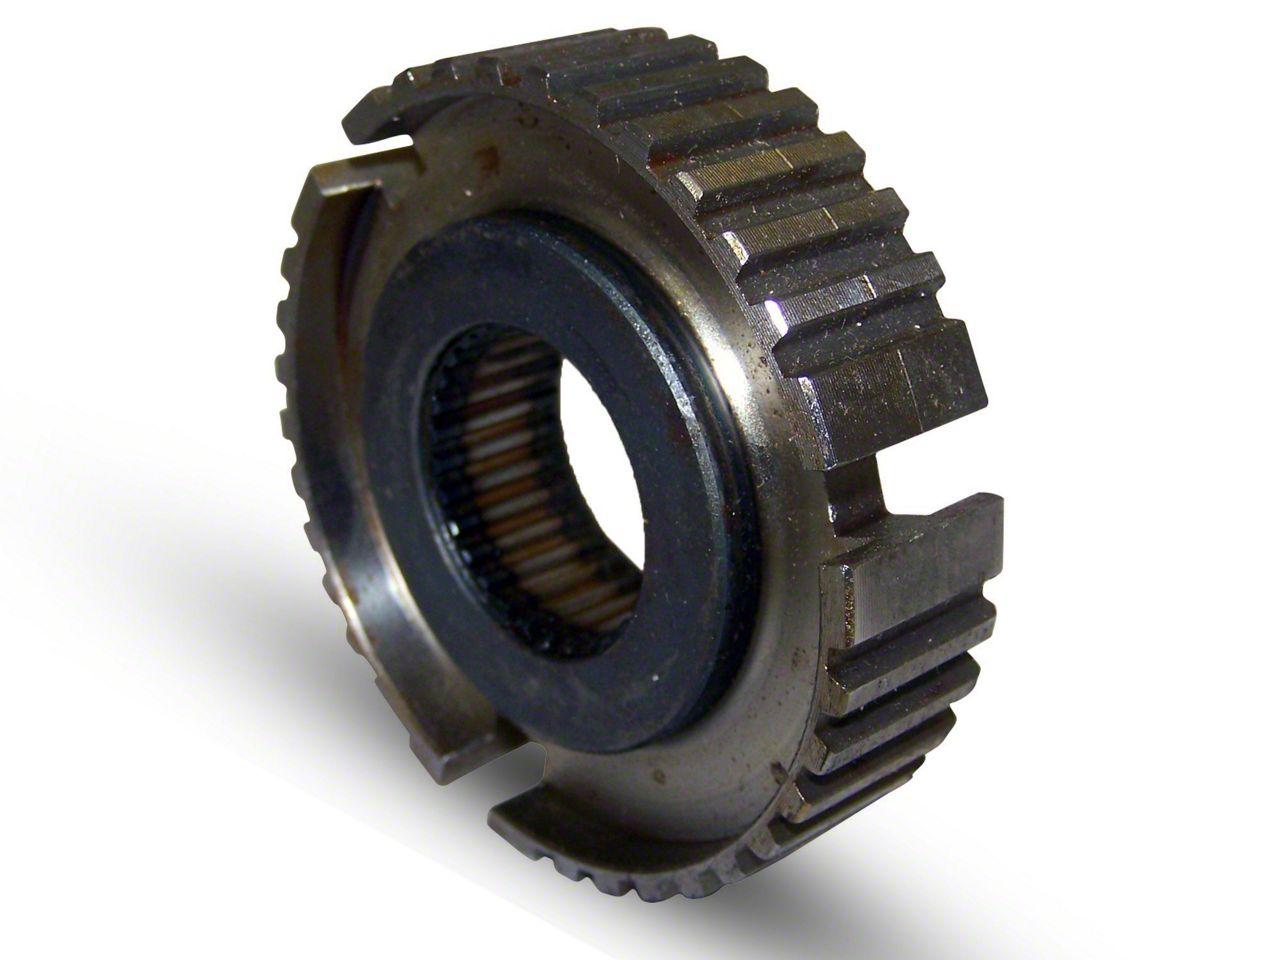 AX4/AX5 Transmission 1st & 2nd Gear Synchronizer Hub (87-02 Jeep Wrangler YJ & TJ)